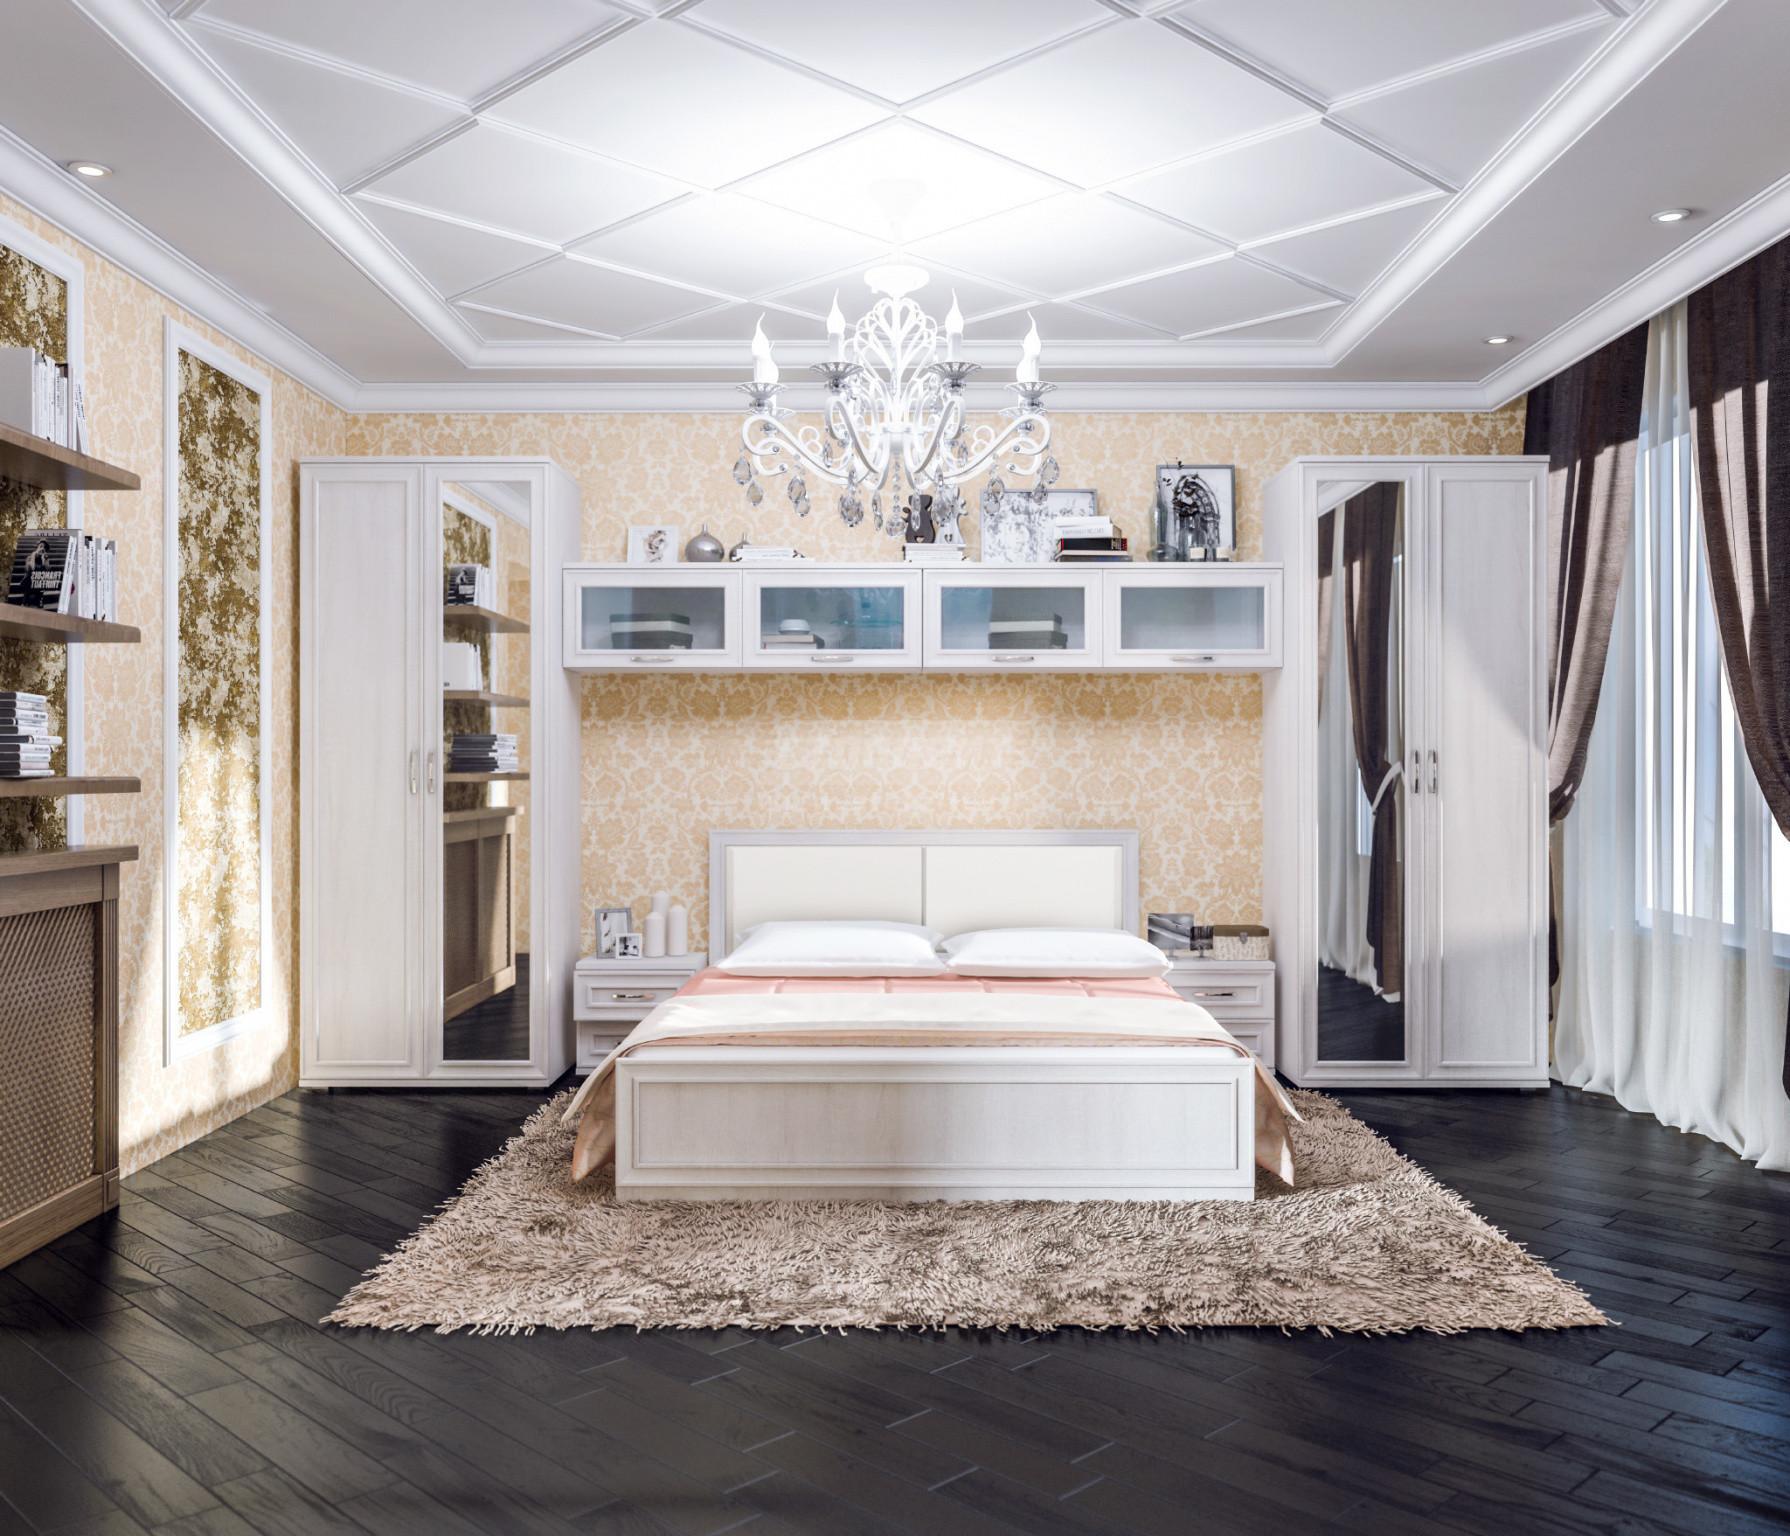 Спальня Столплит Флоренция 123-919-395-0363 дуб сонома белый